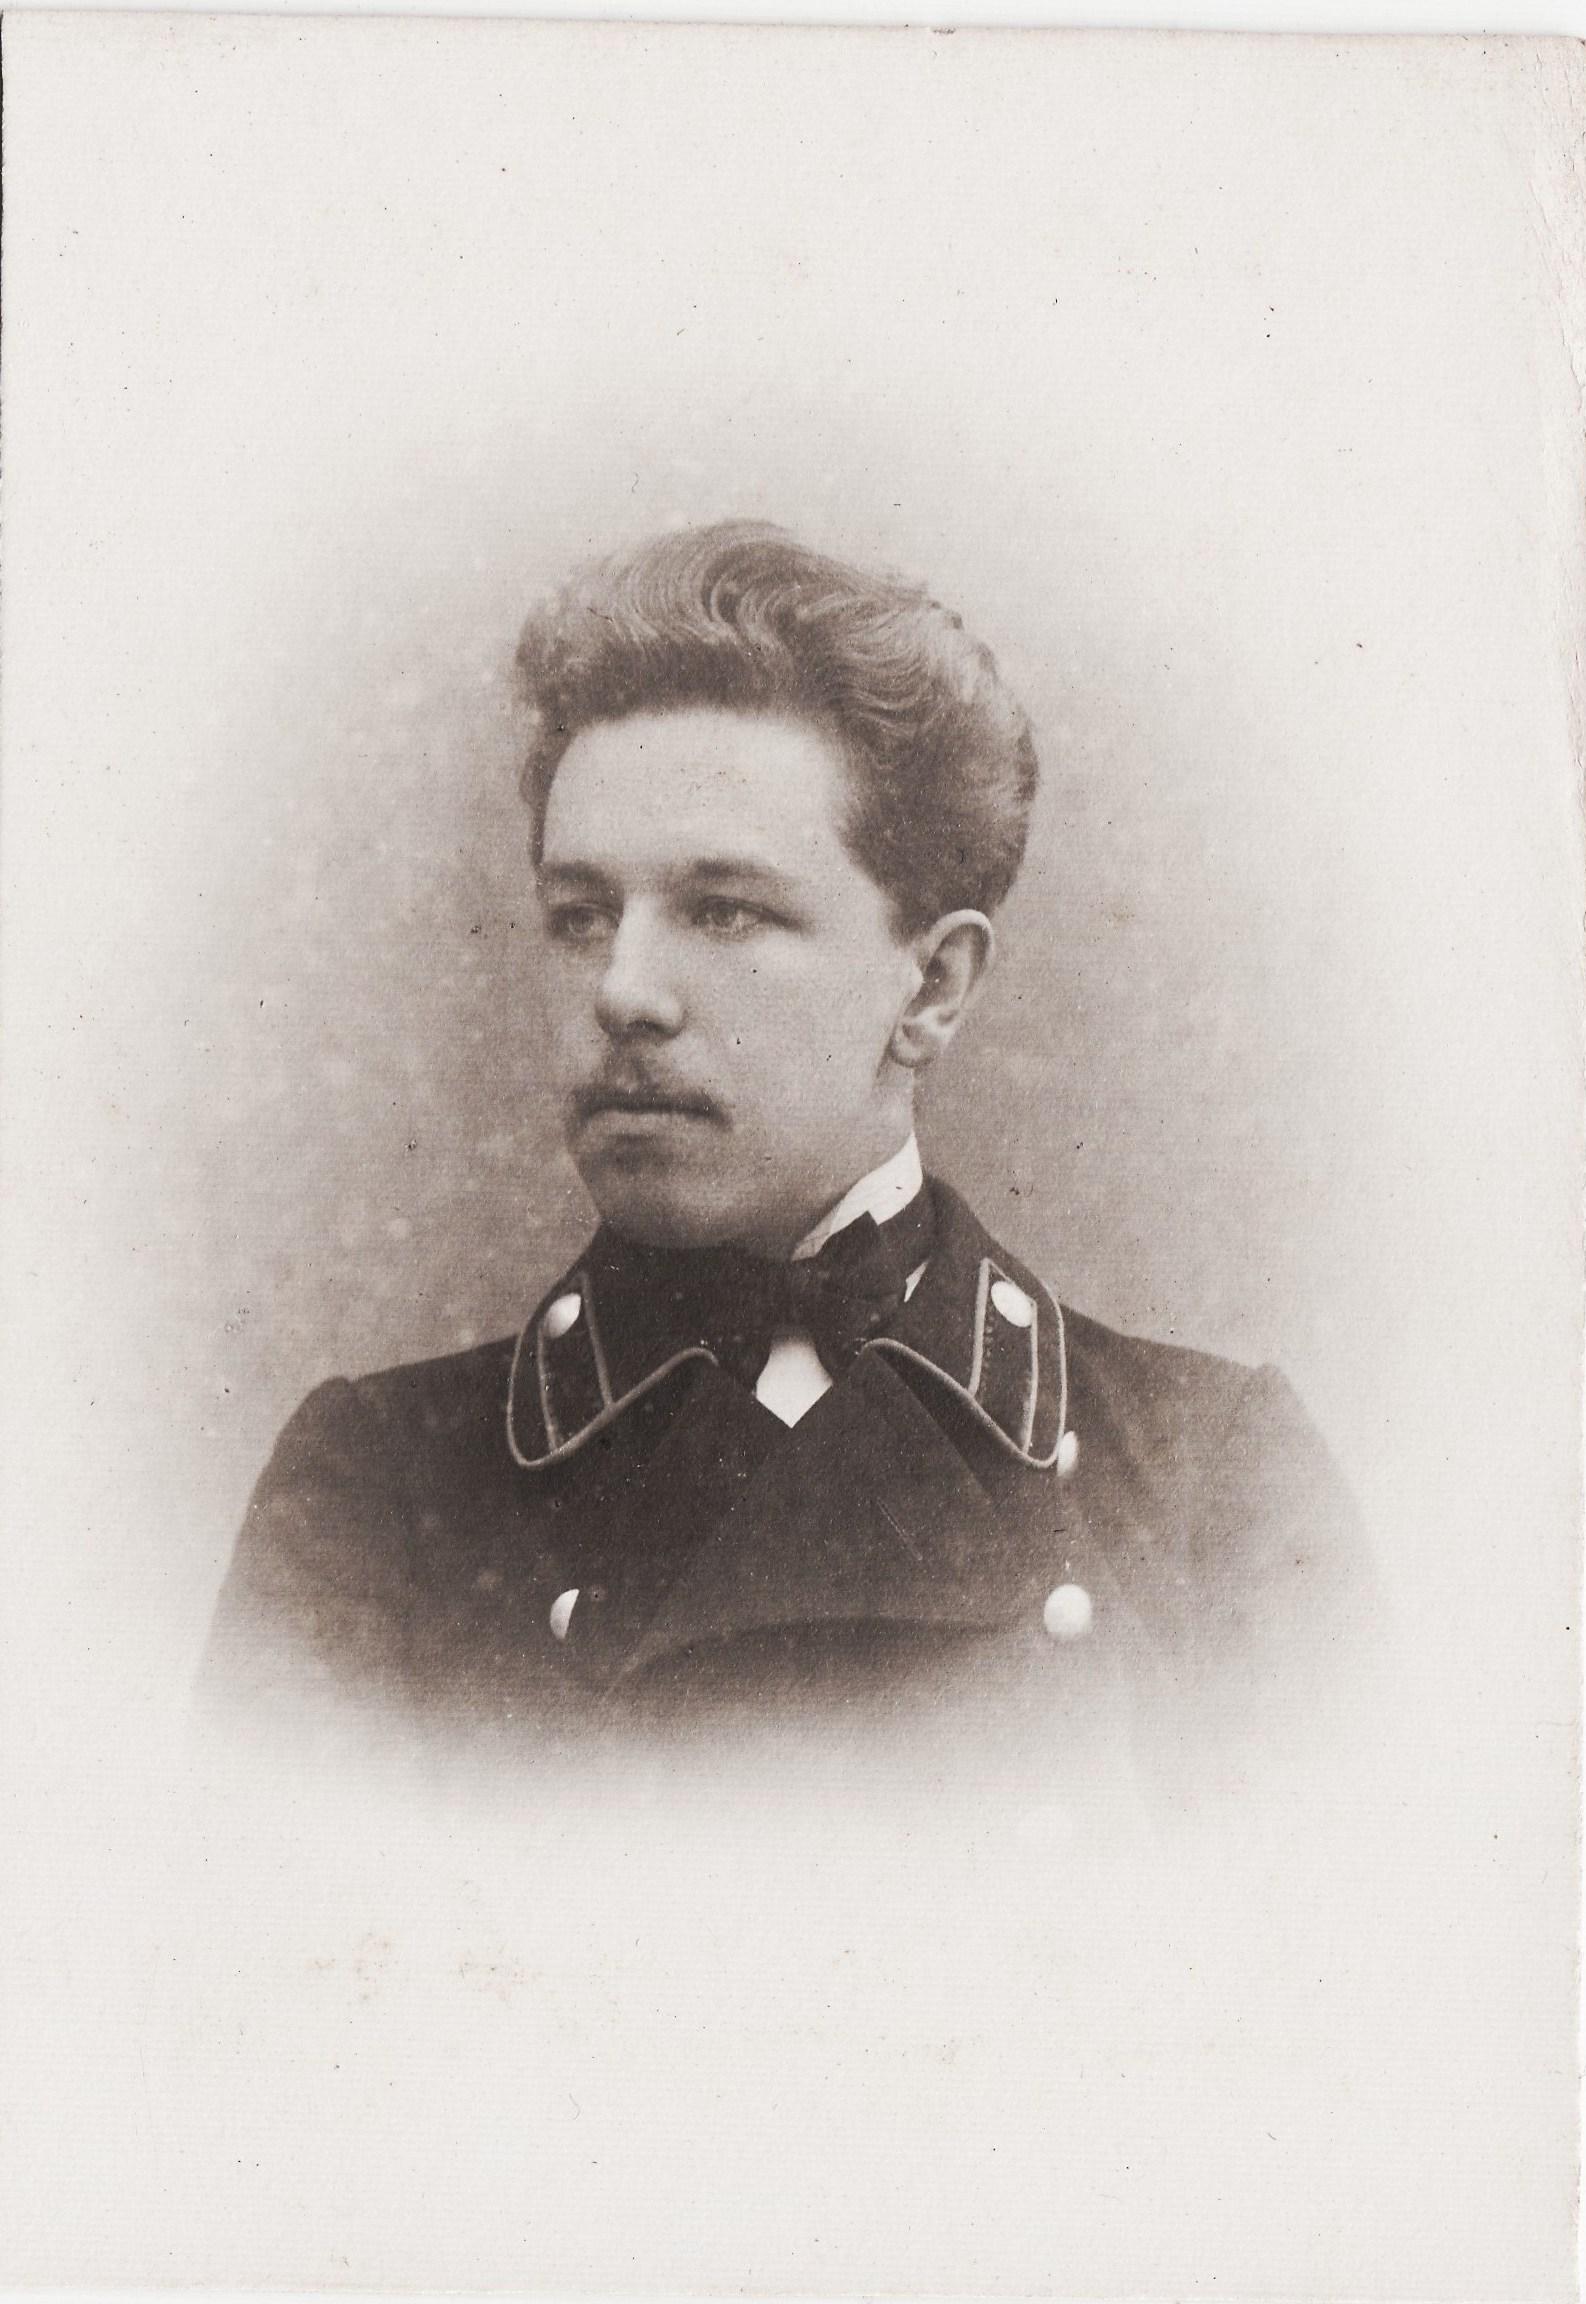 Студент Семеновский Владимир. I отделение разряд 2